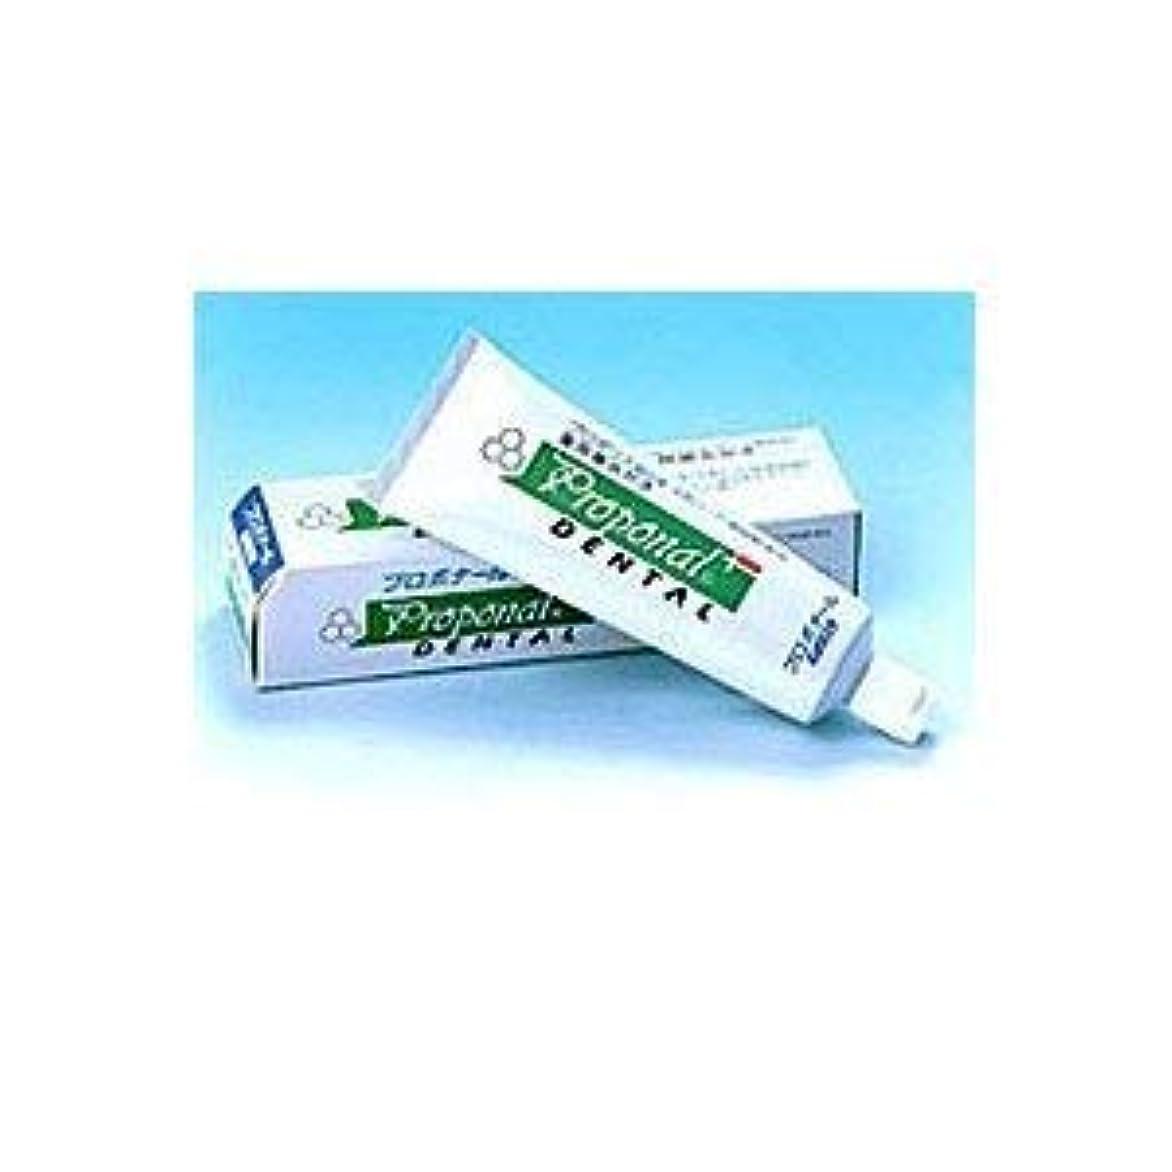 掃除意味薬用プロポナールデンタル 80g X 3個セットでお買い得?